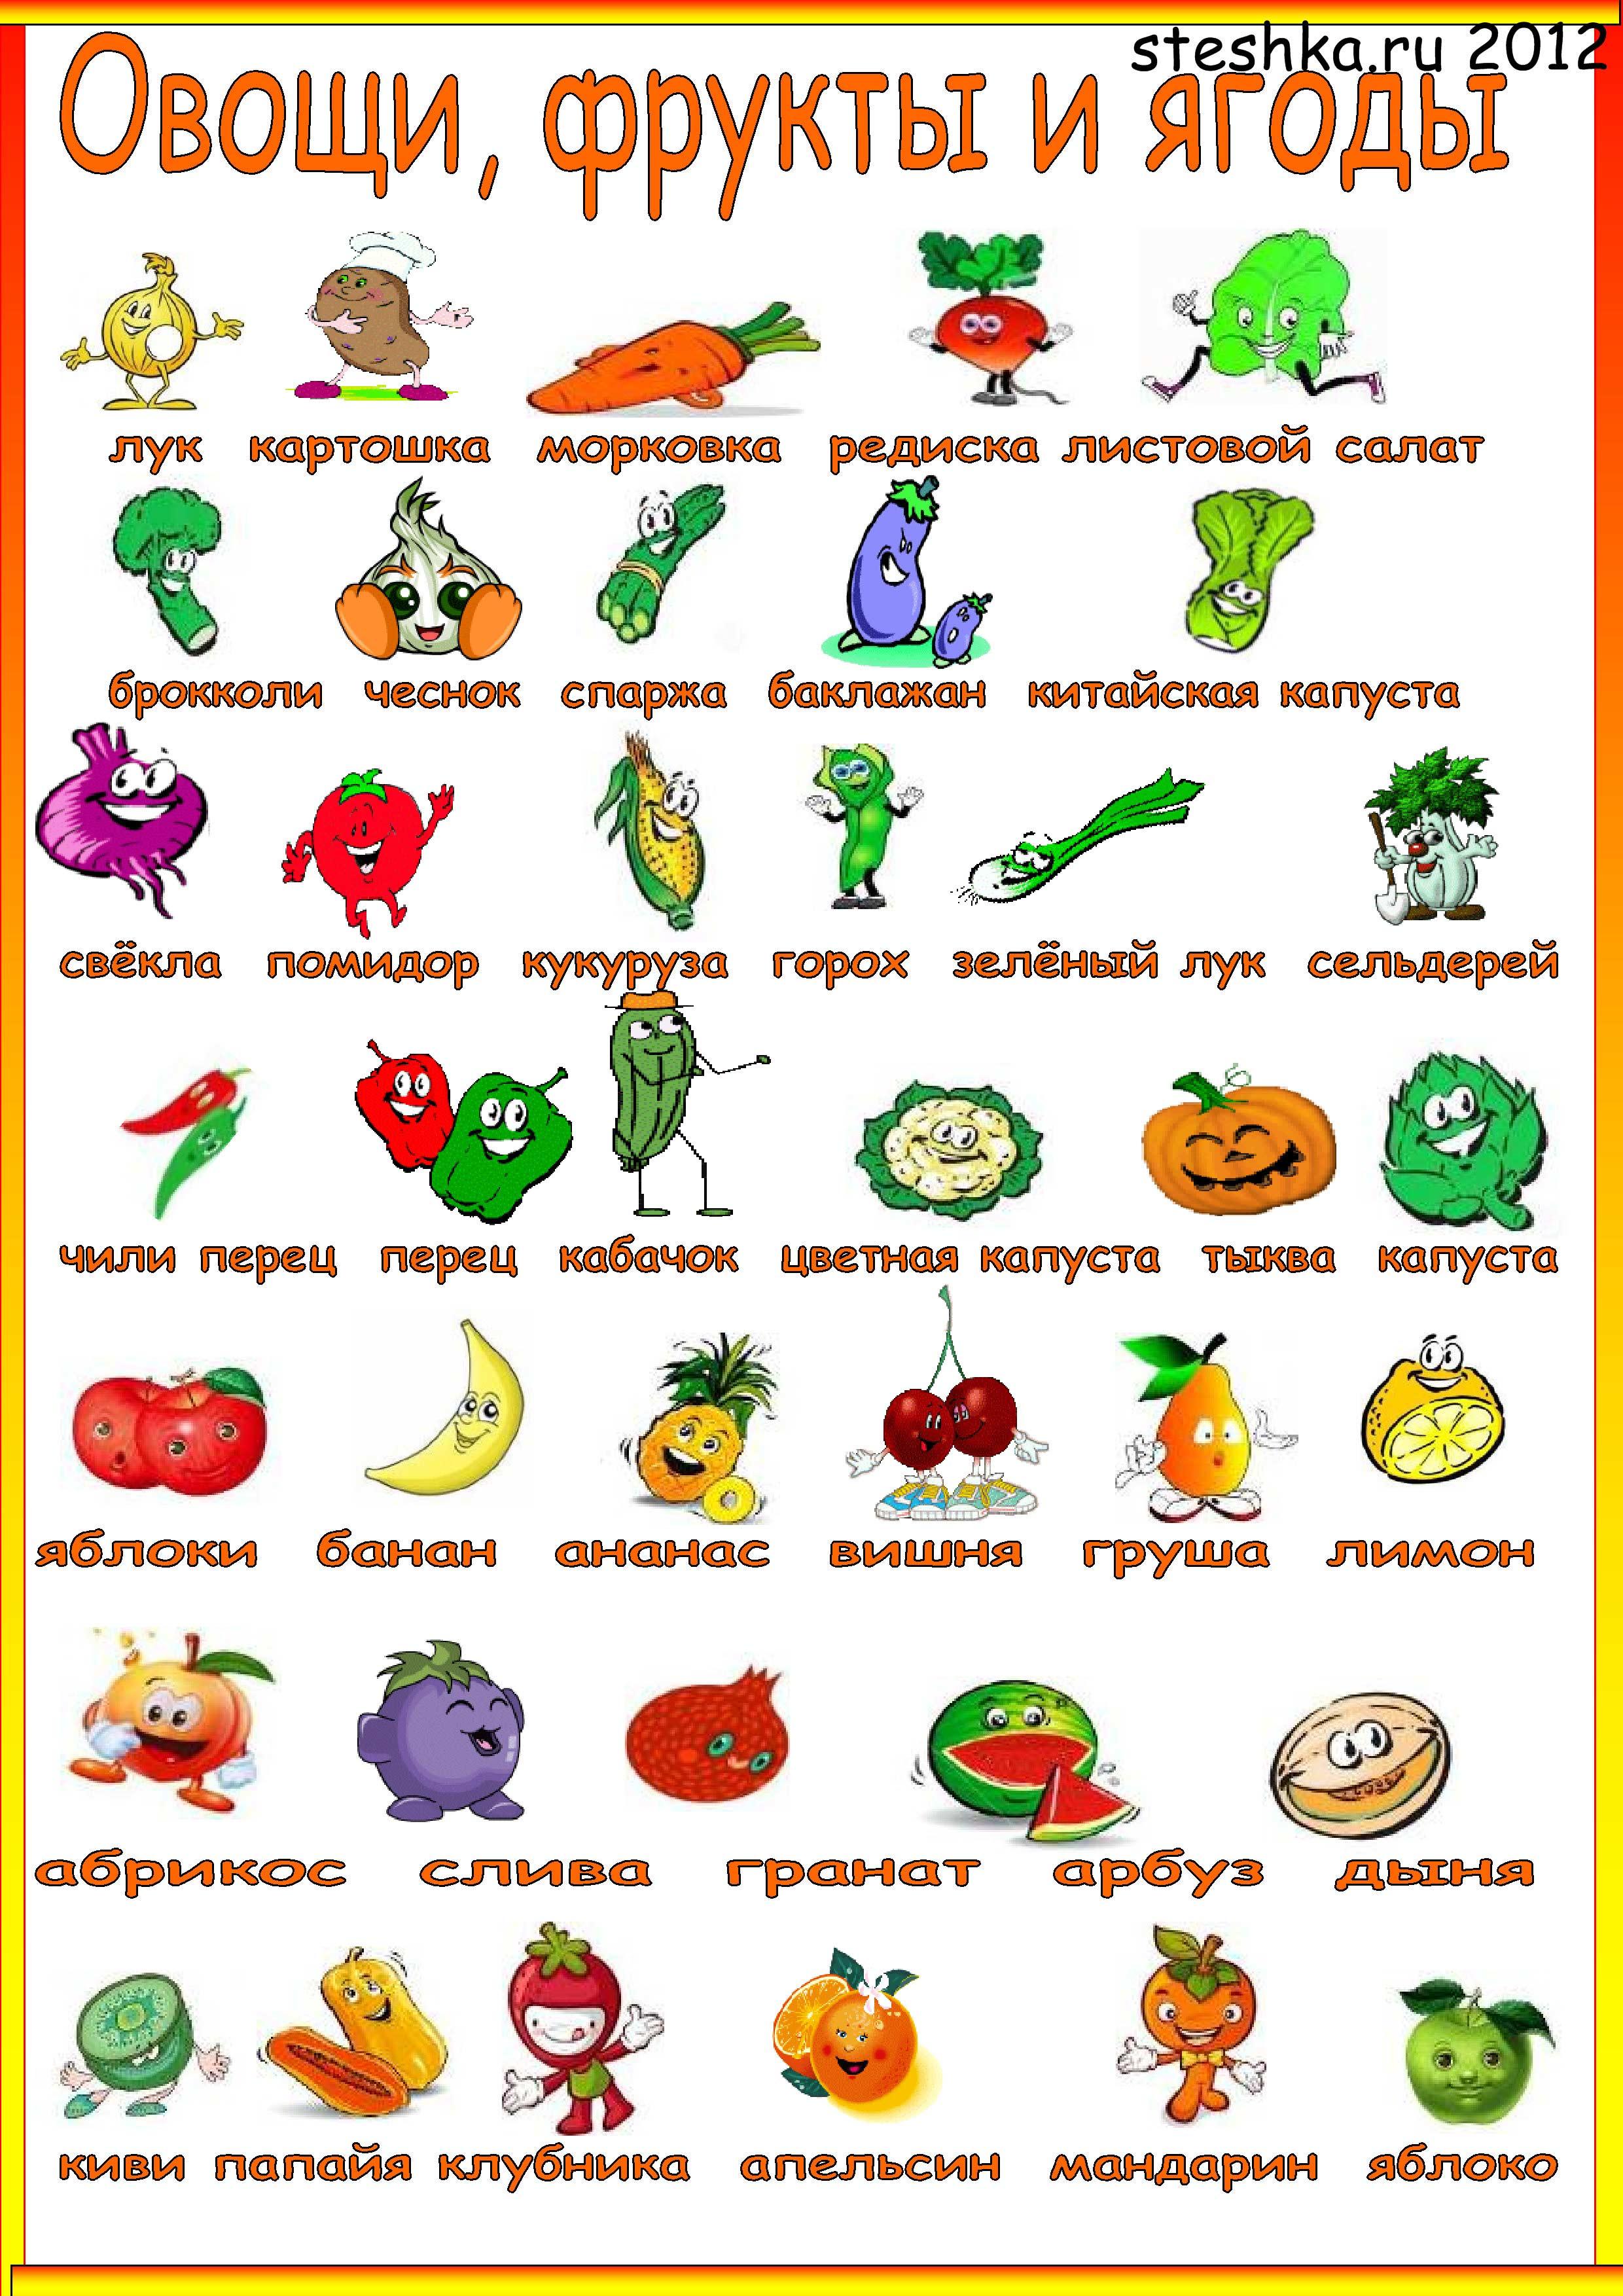 Скачать бесплатно картинки овощи и фрукты